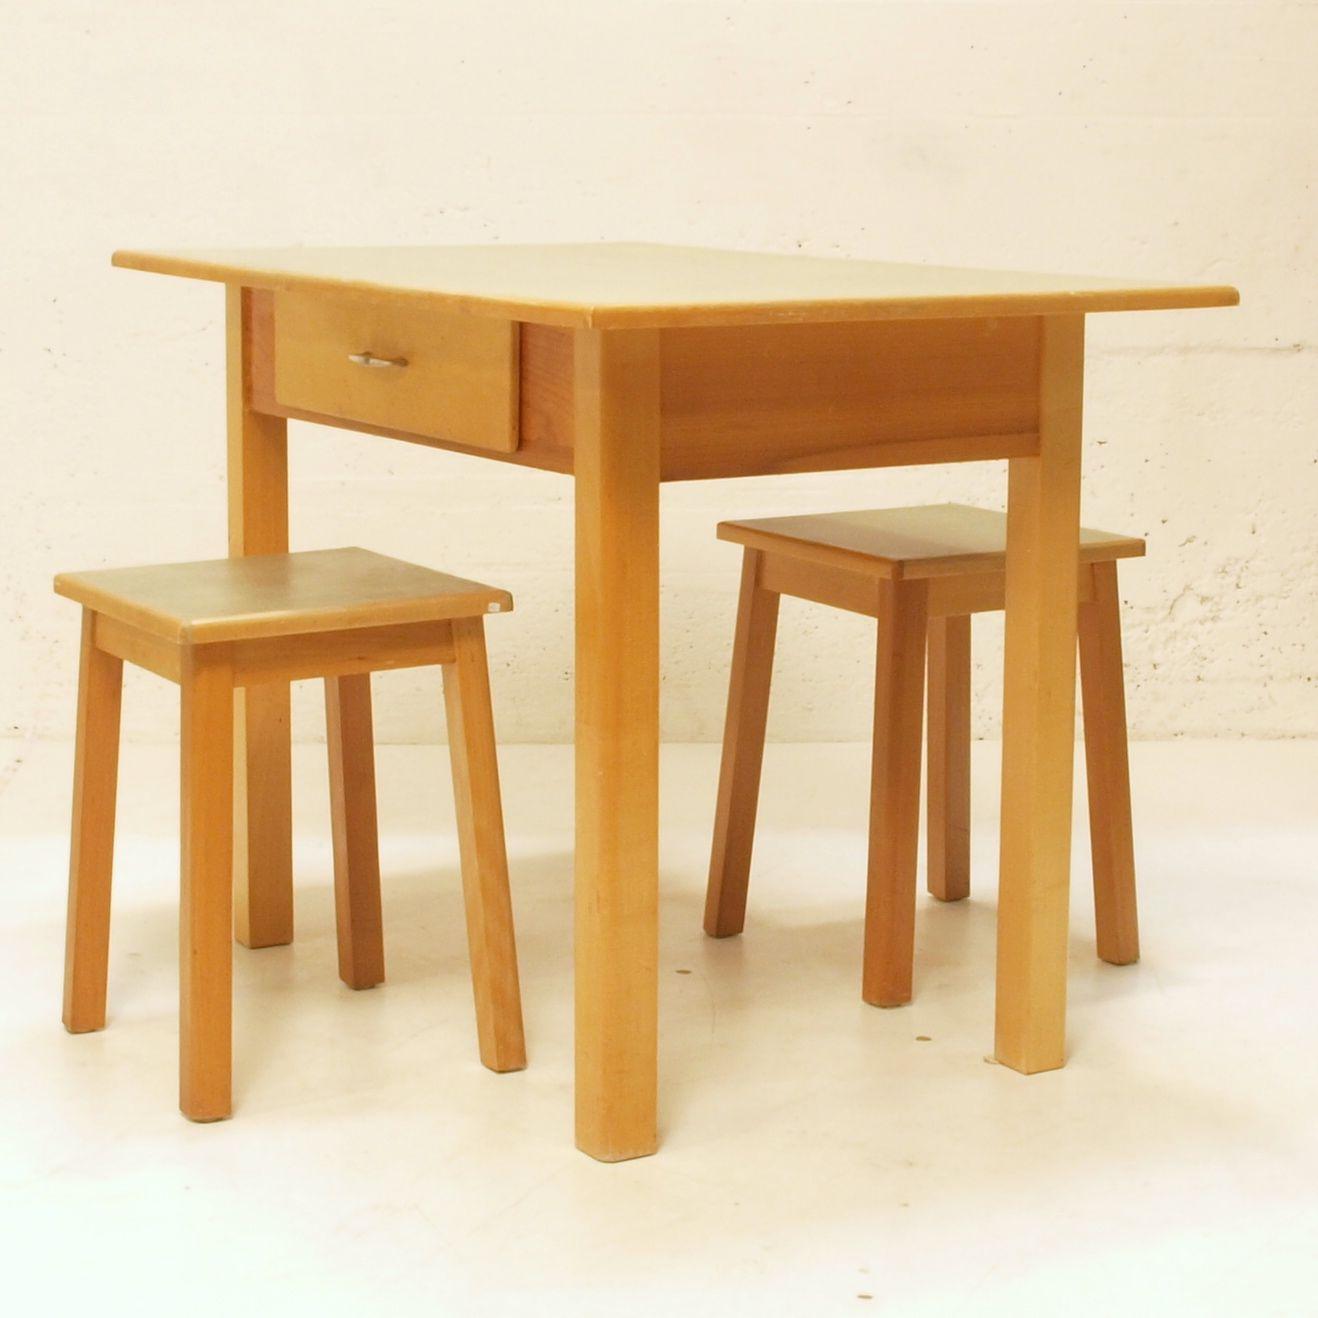 Küchentisch Holz: Küchentisch Holz Mit Lino Oberfläche